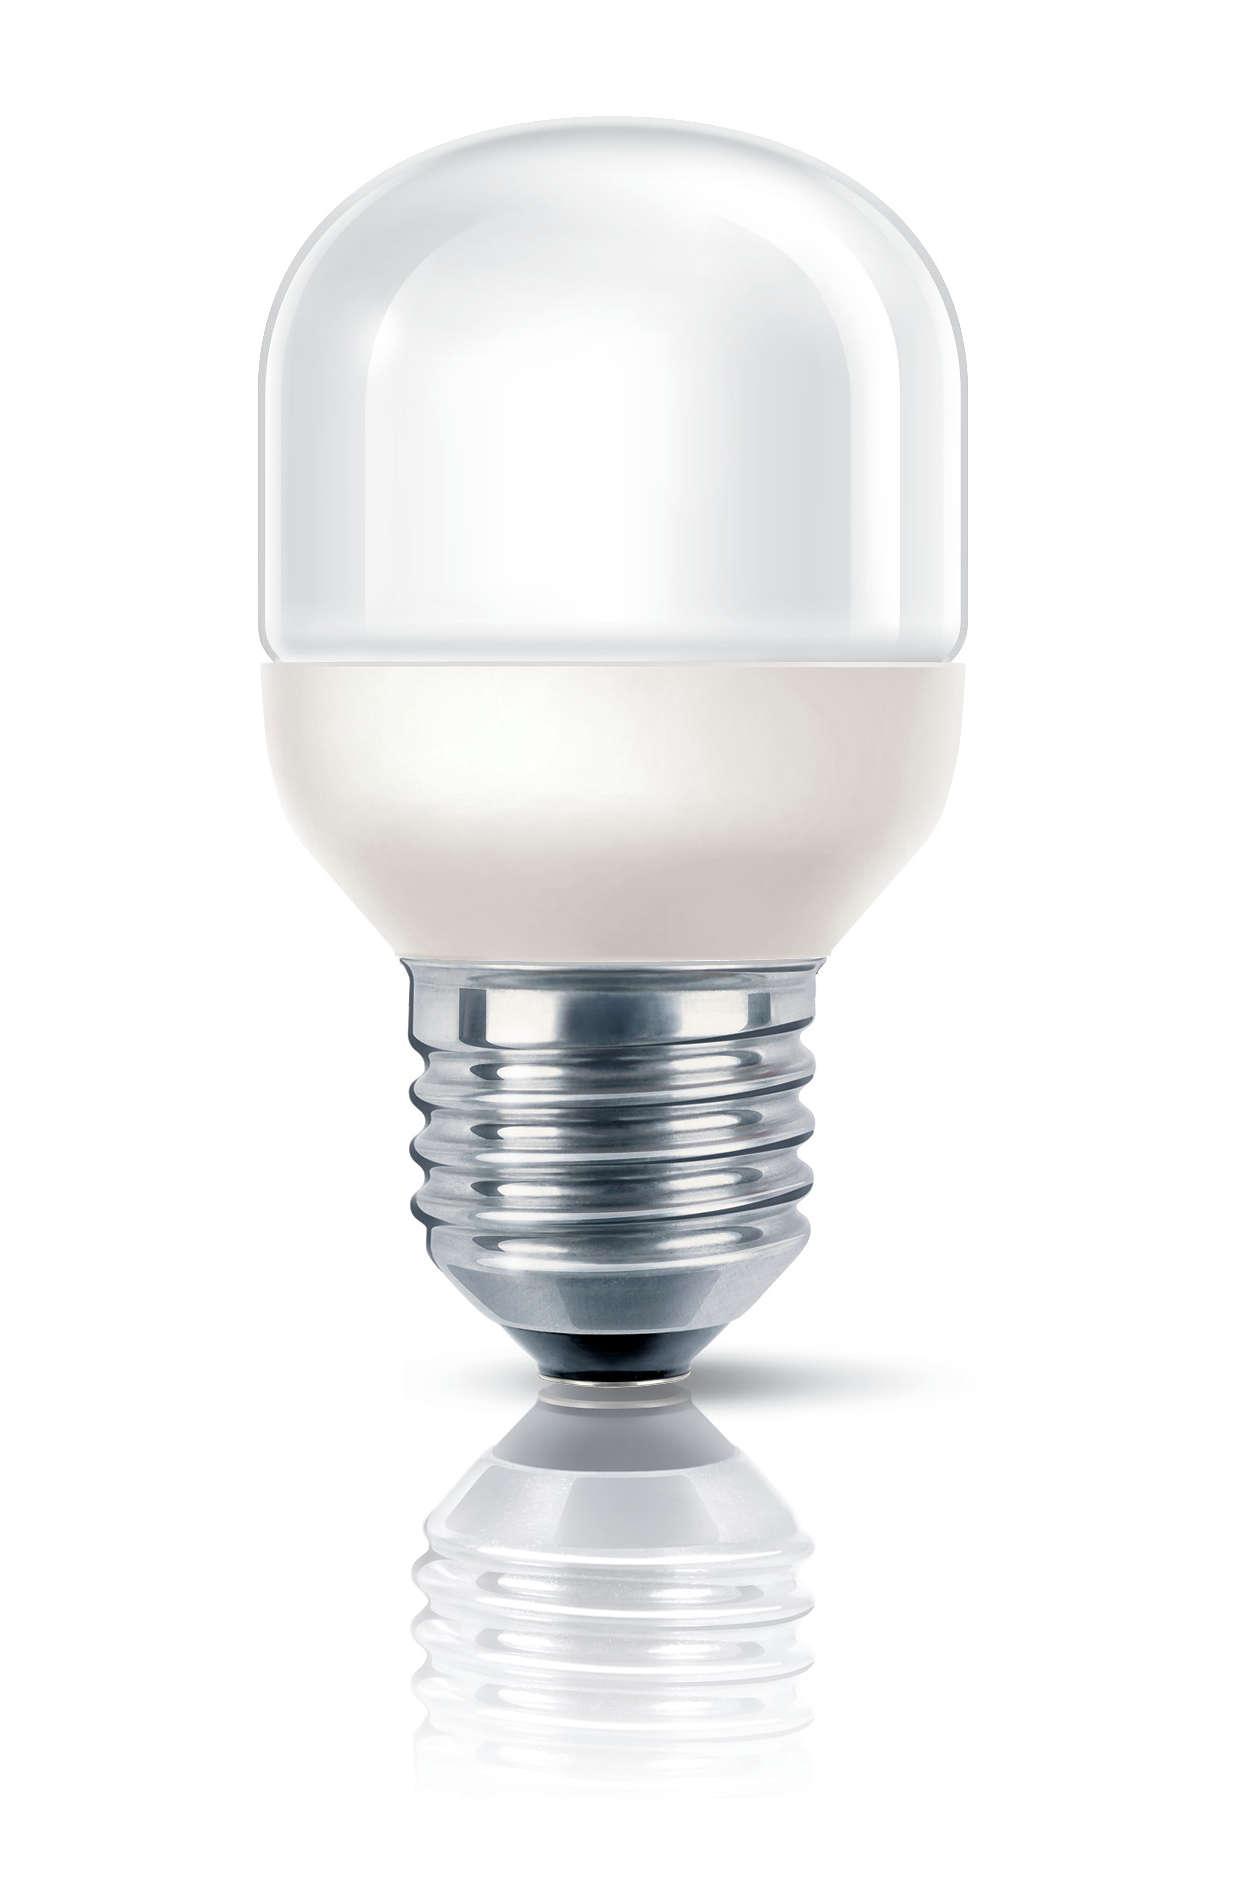 Spaarlamp met zacht en gloedvol licht